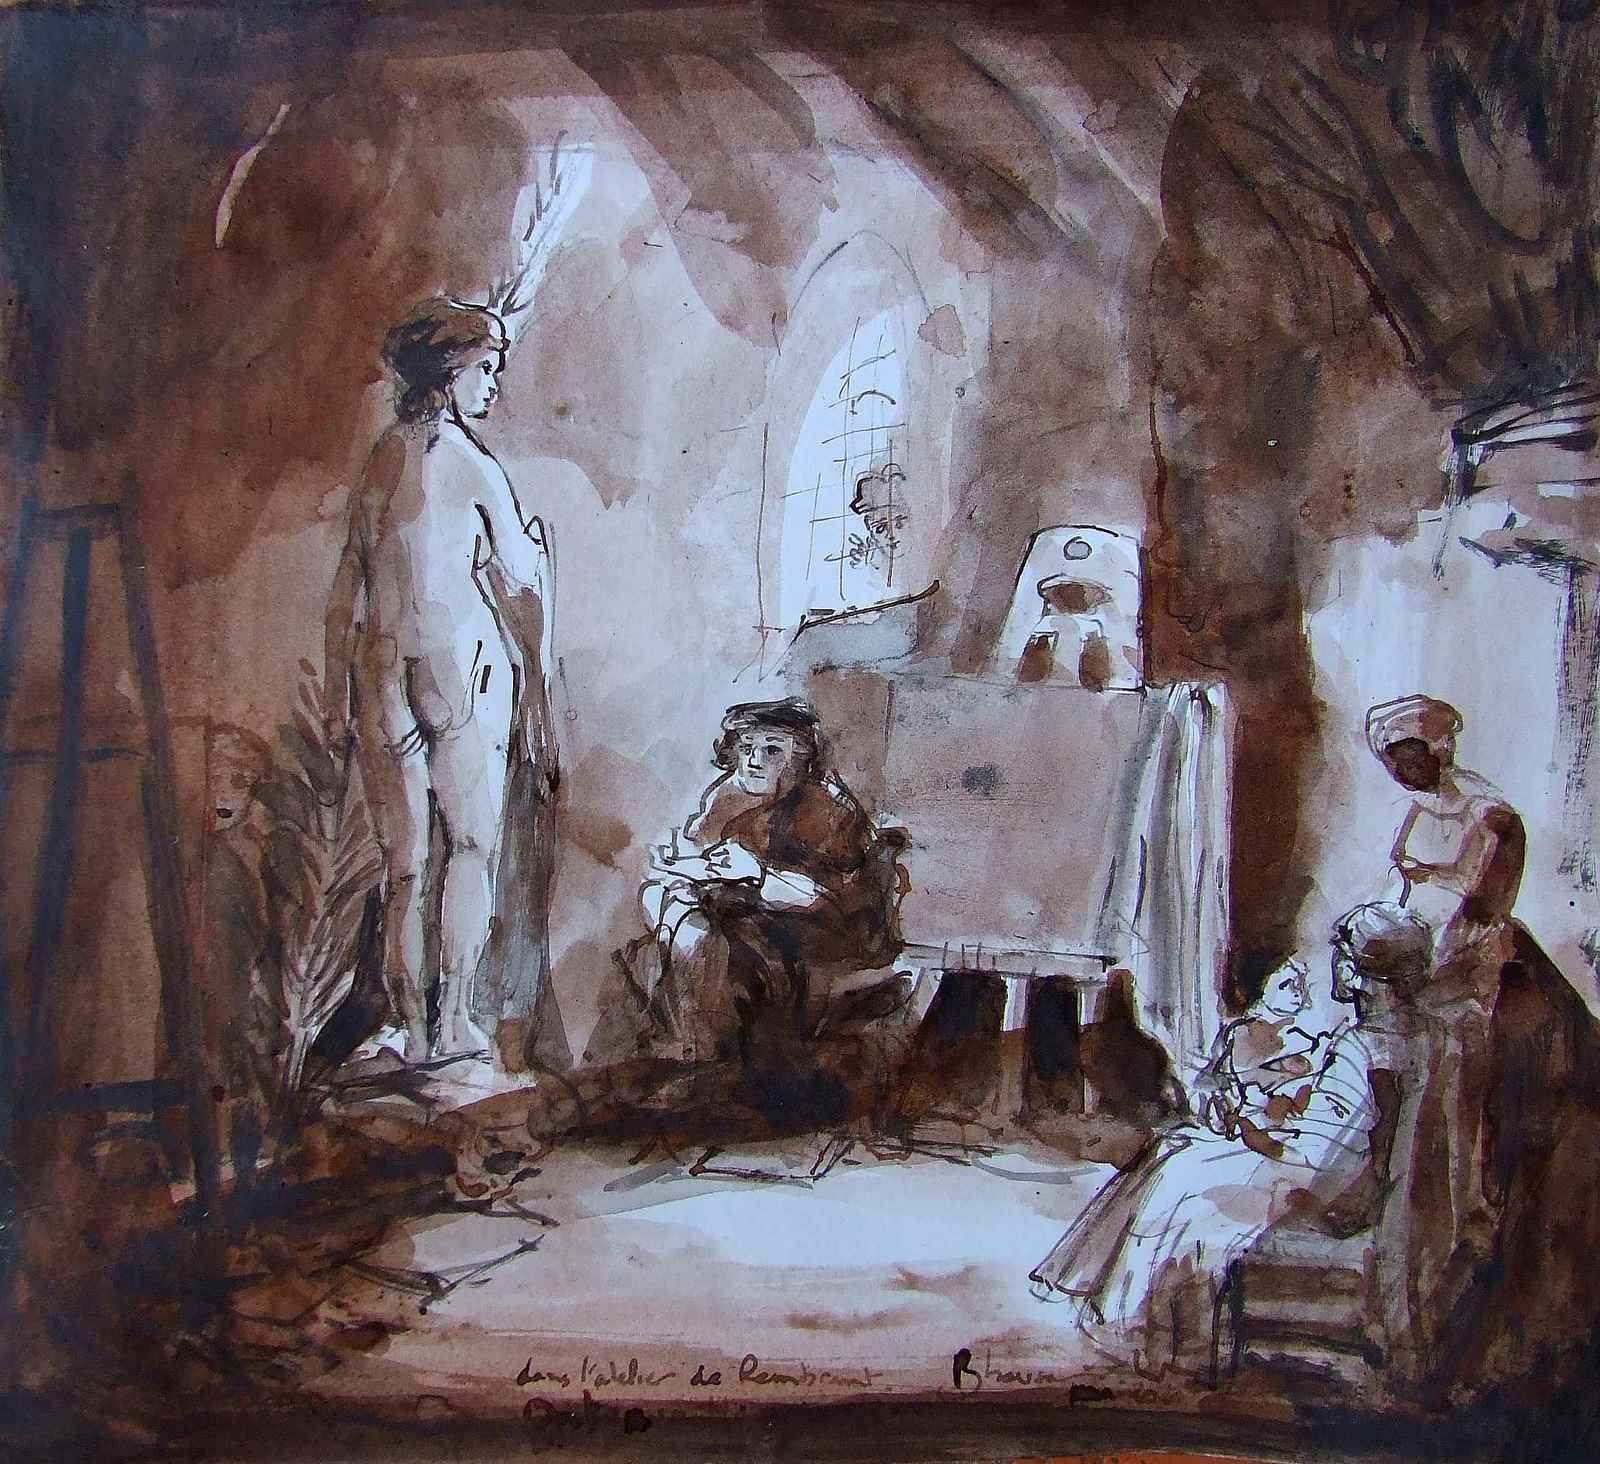 Atelier de Rembrandt 37x42 Lavis sépia sur papier   Dessin librement inspiré de Rembrandt   Bhavsar